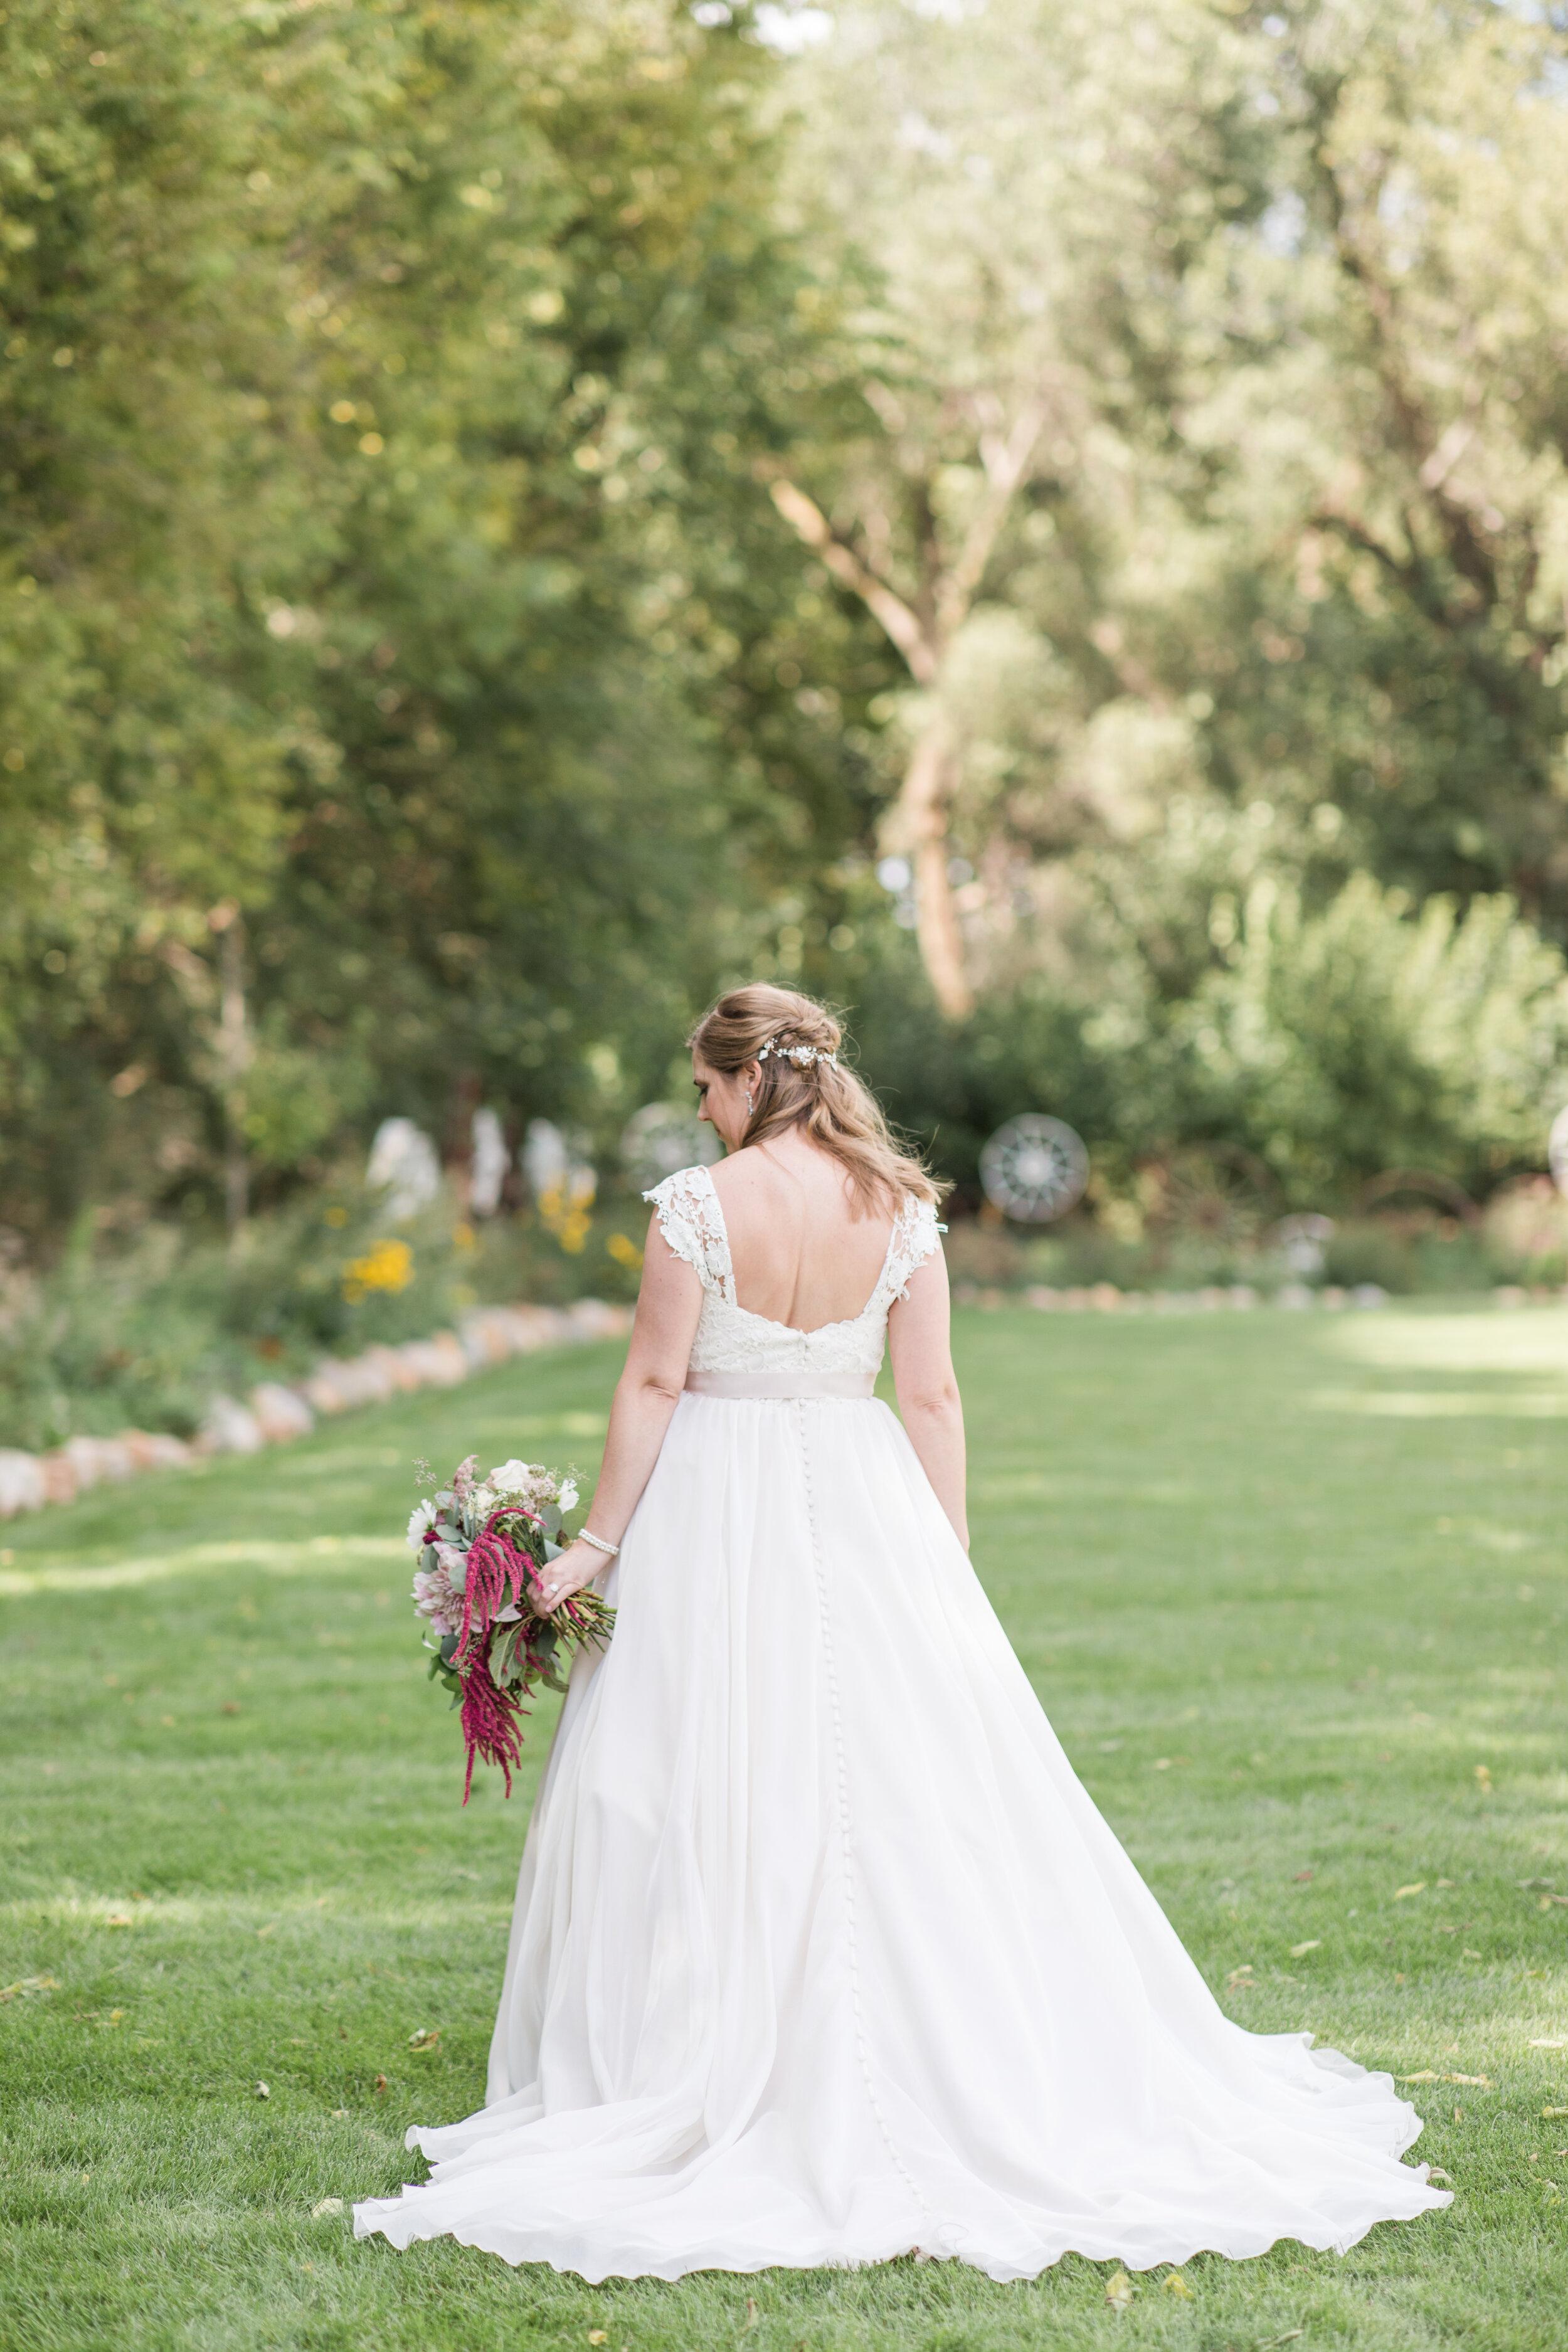 BrideMaroonandBlushBarnWedding